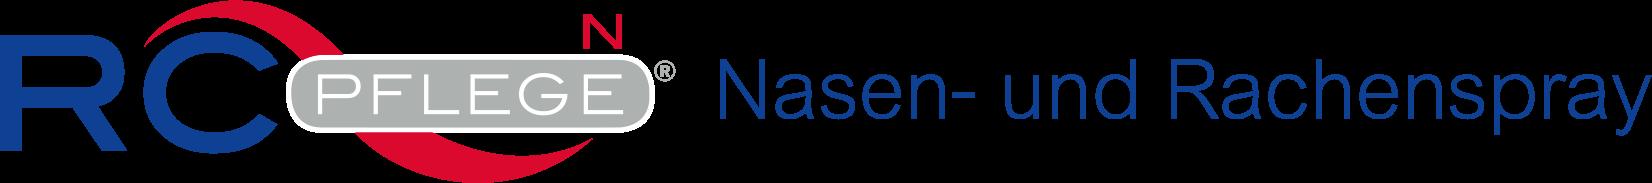 RC-Pflege® N Logo